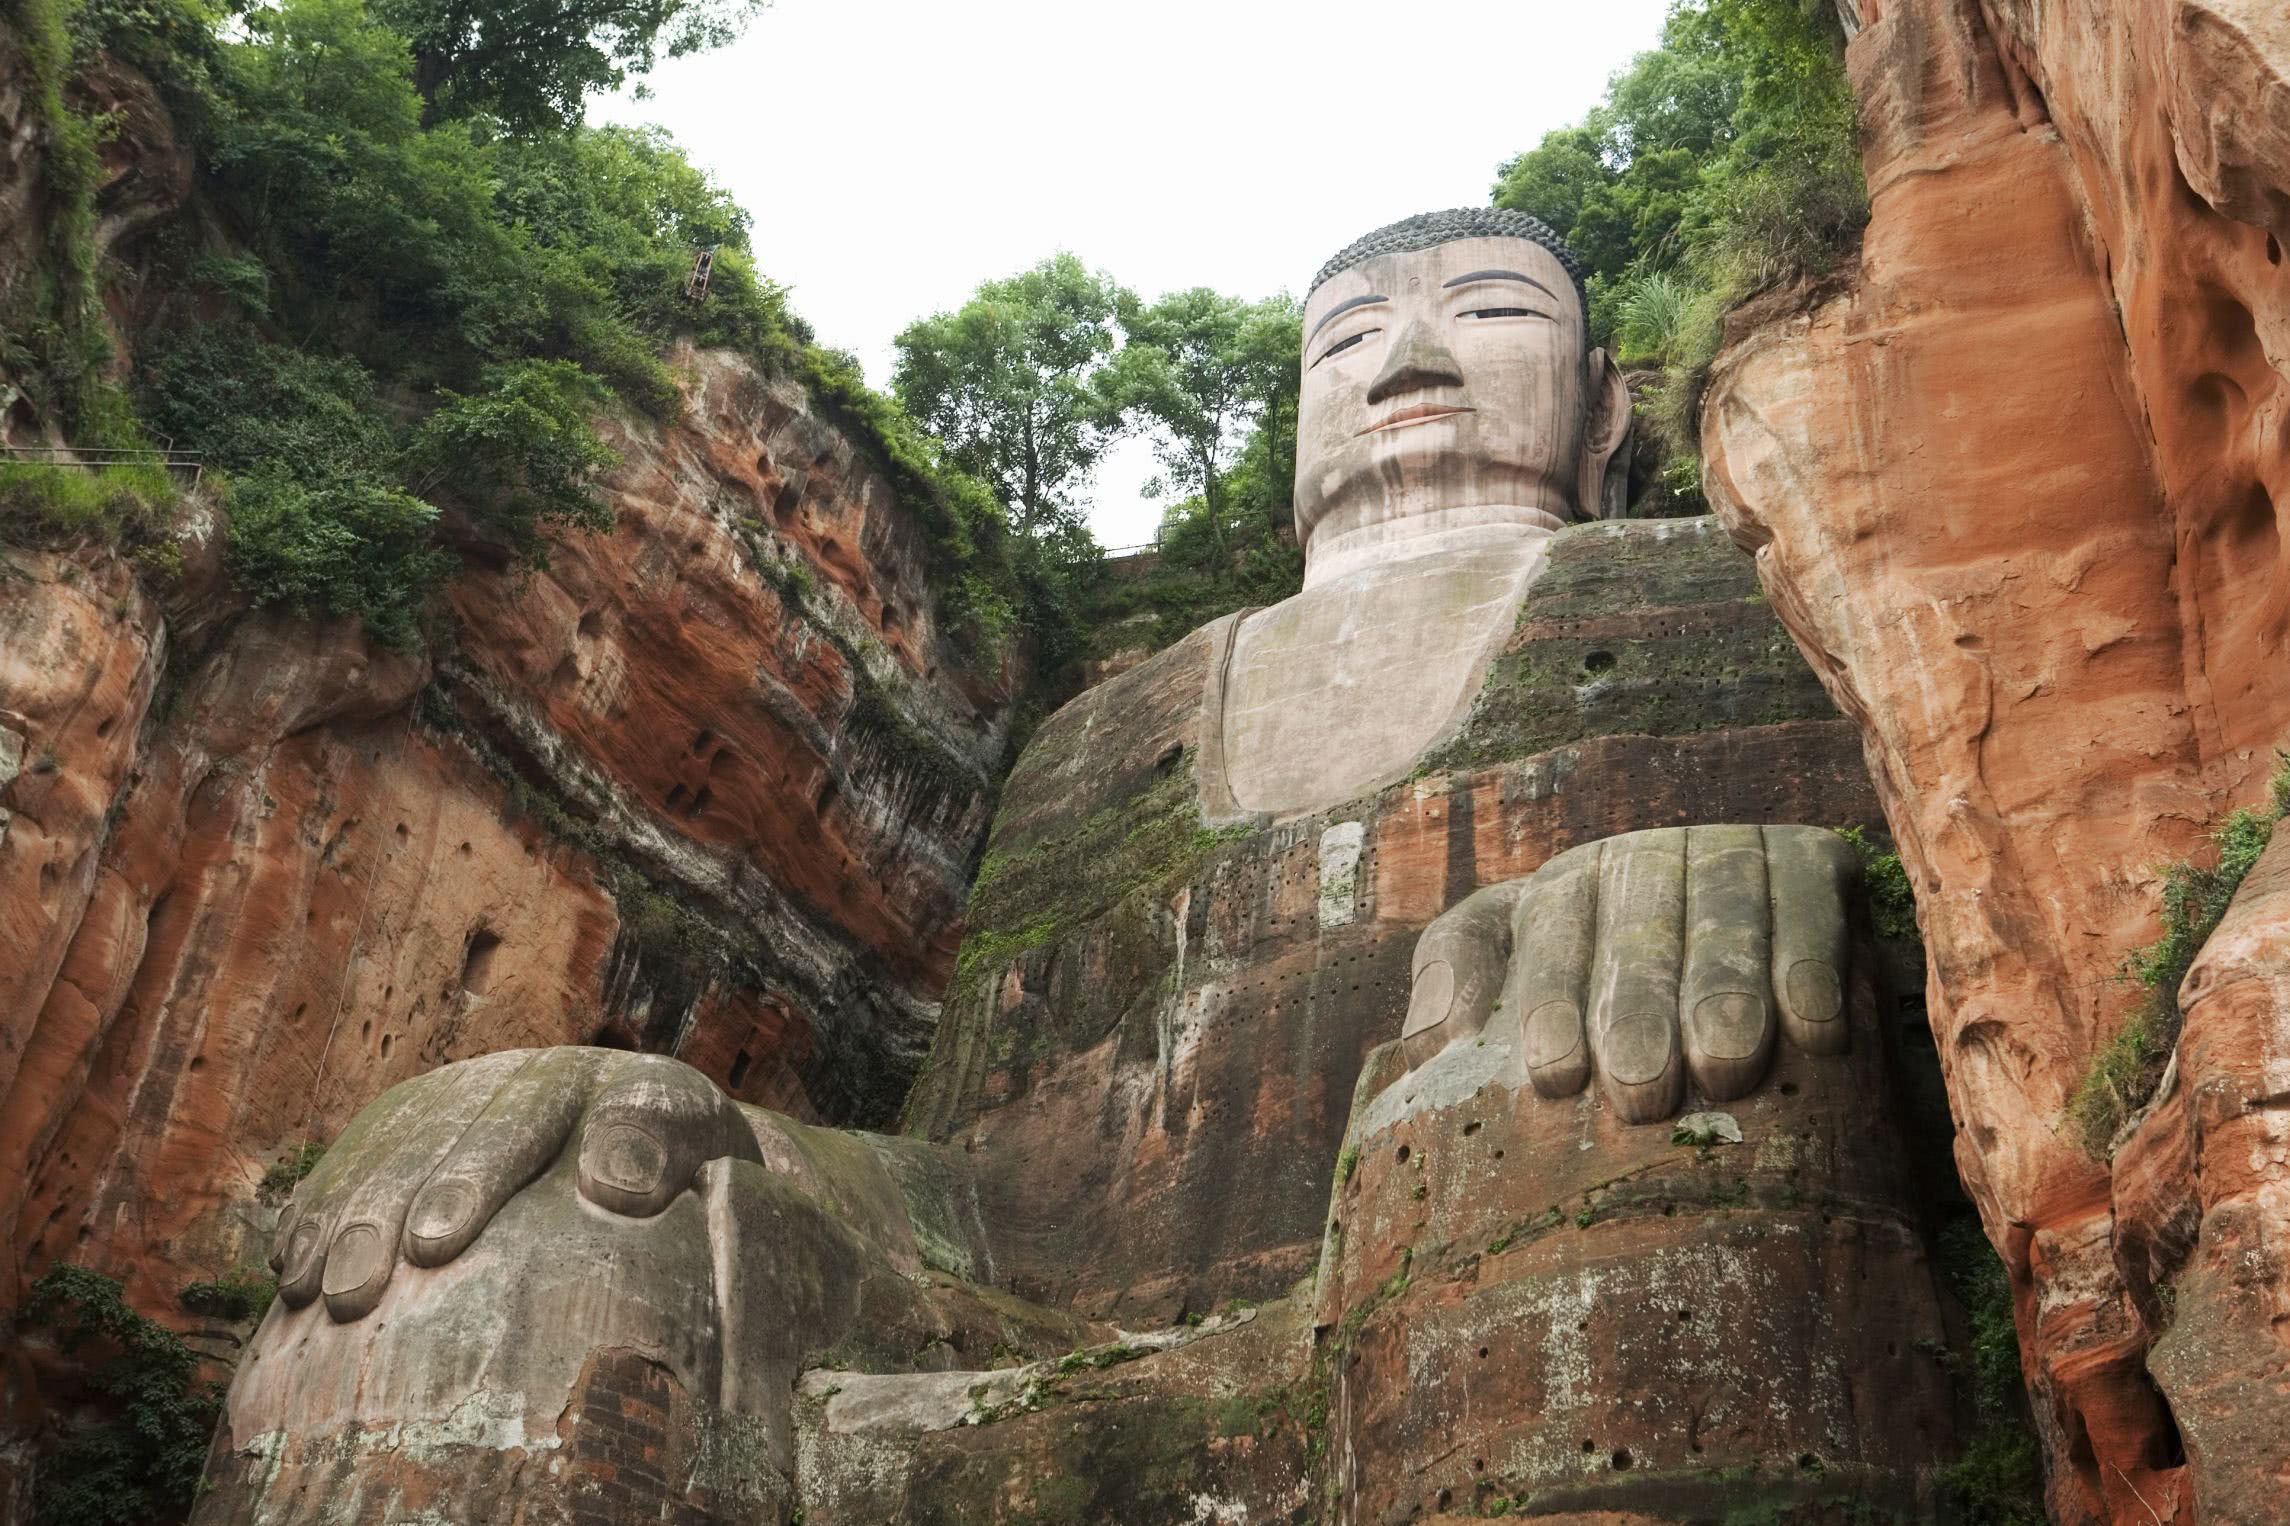 青州山体隐藏着巨型雕像,专家说:这个雕像如何形成是难解谜团